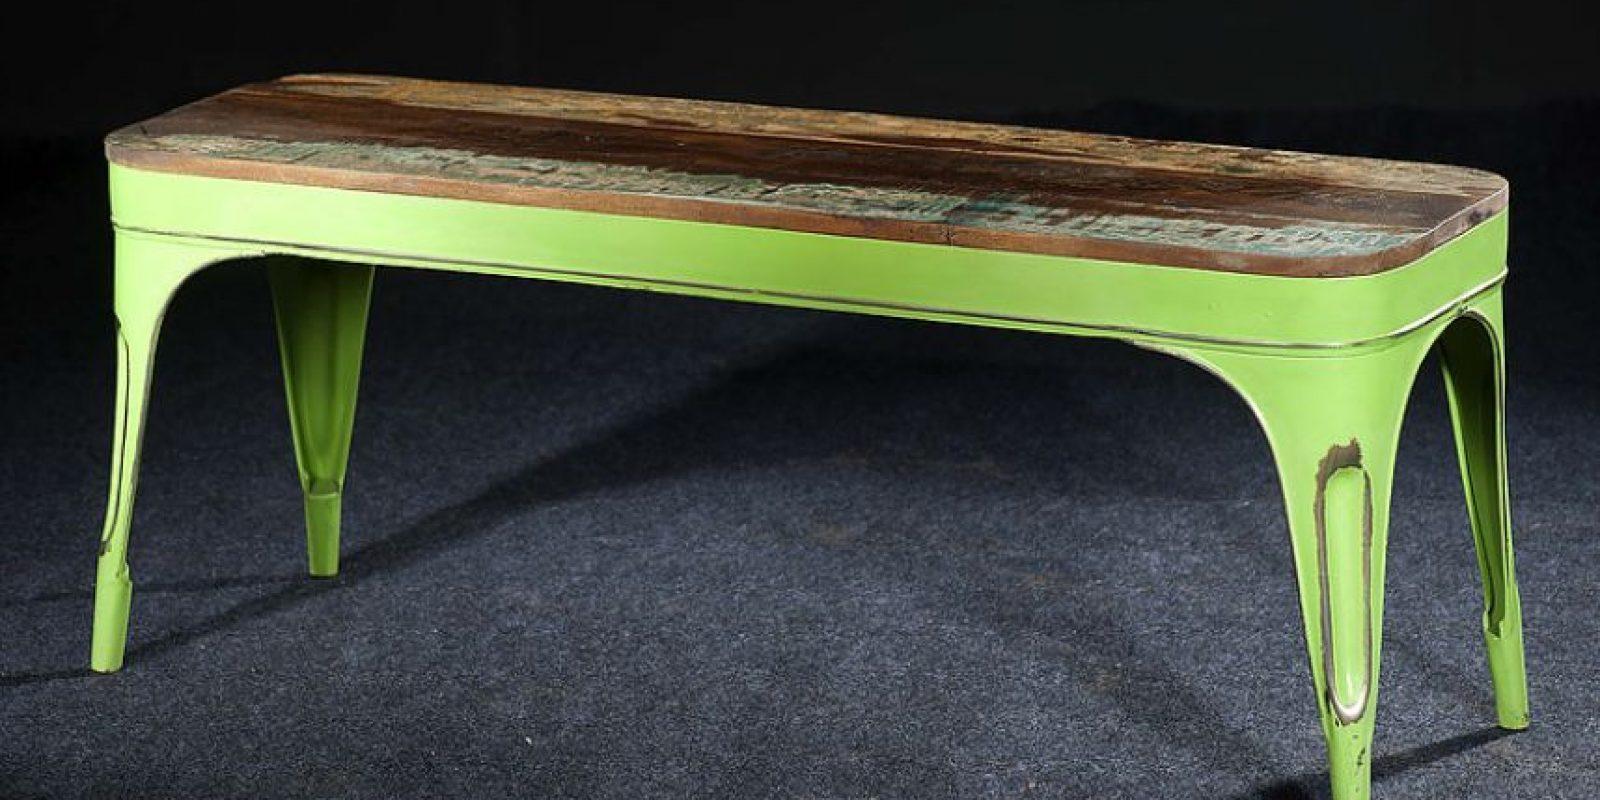 Foto:Furniture Warehouse Outlet. Imagen Por: